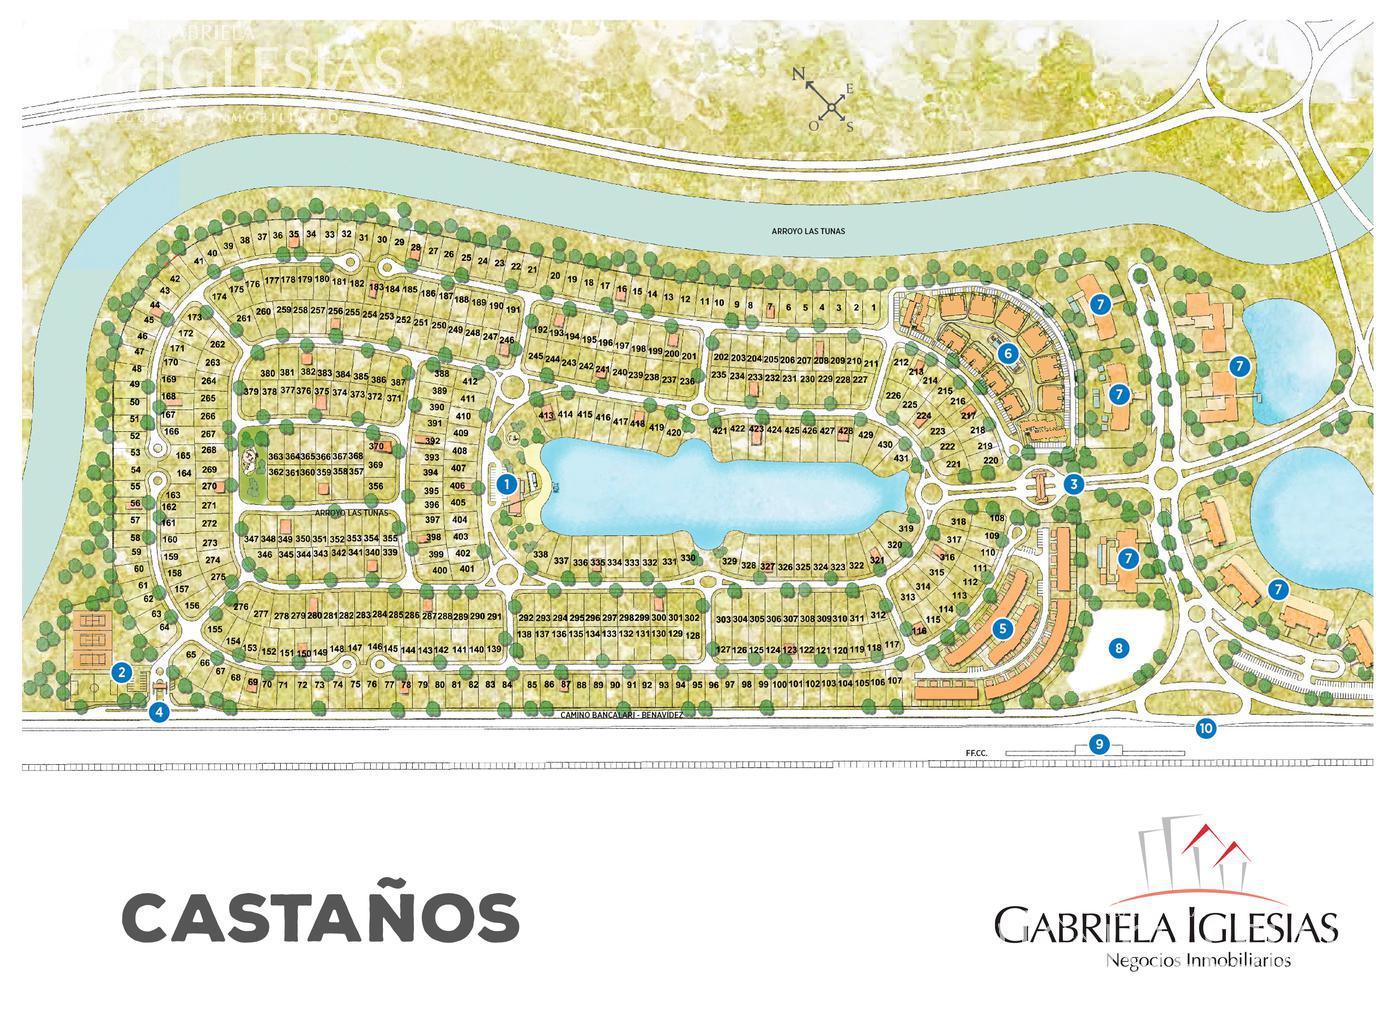 Terreno en Venta en Los Castaños a Venta - u$s 195.000